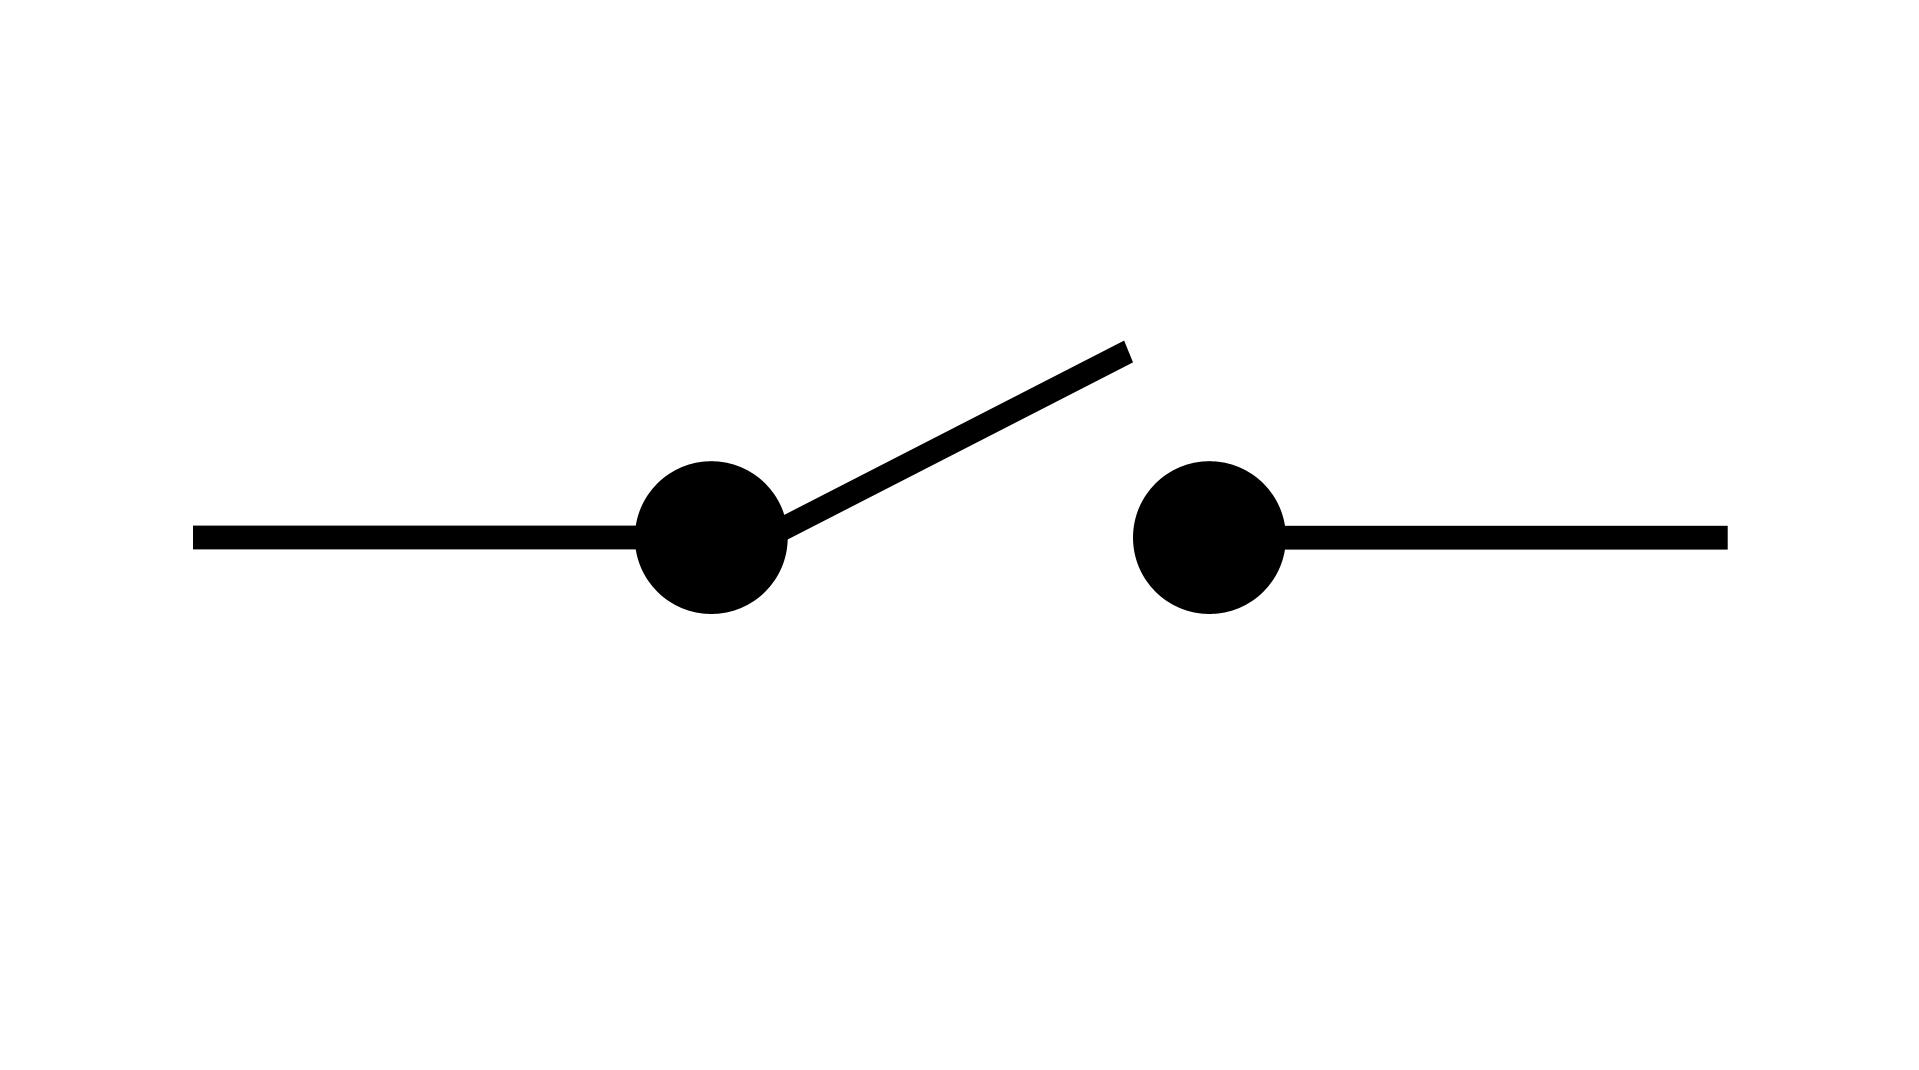 Sur un schema electrique chaque dipole est represente par son